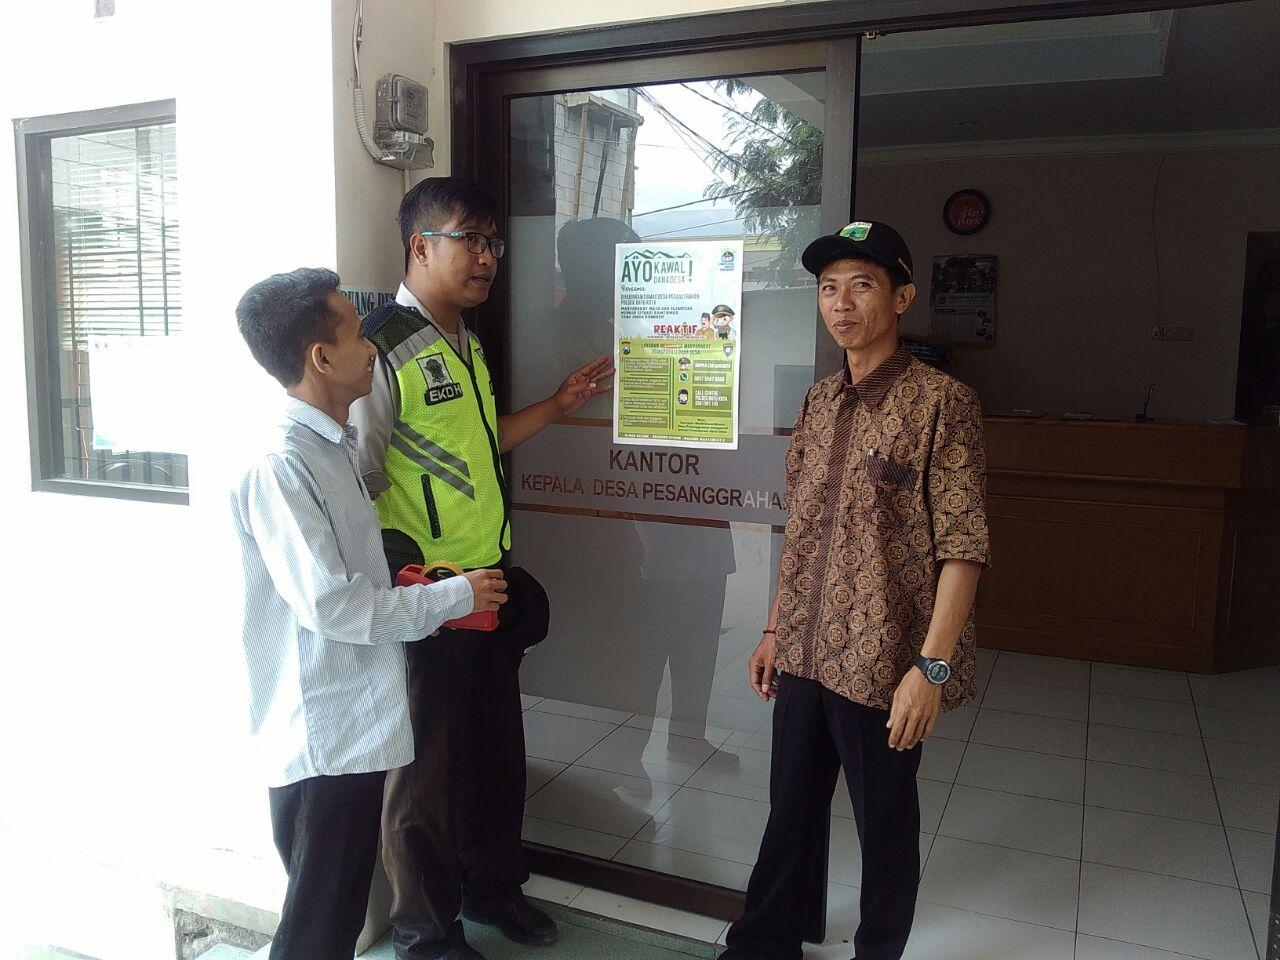 Polsek Batu Kota Polres Batu Buka Call Center Pelayanan Informatif di Desanya